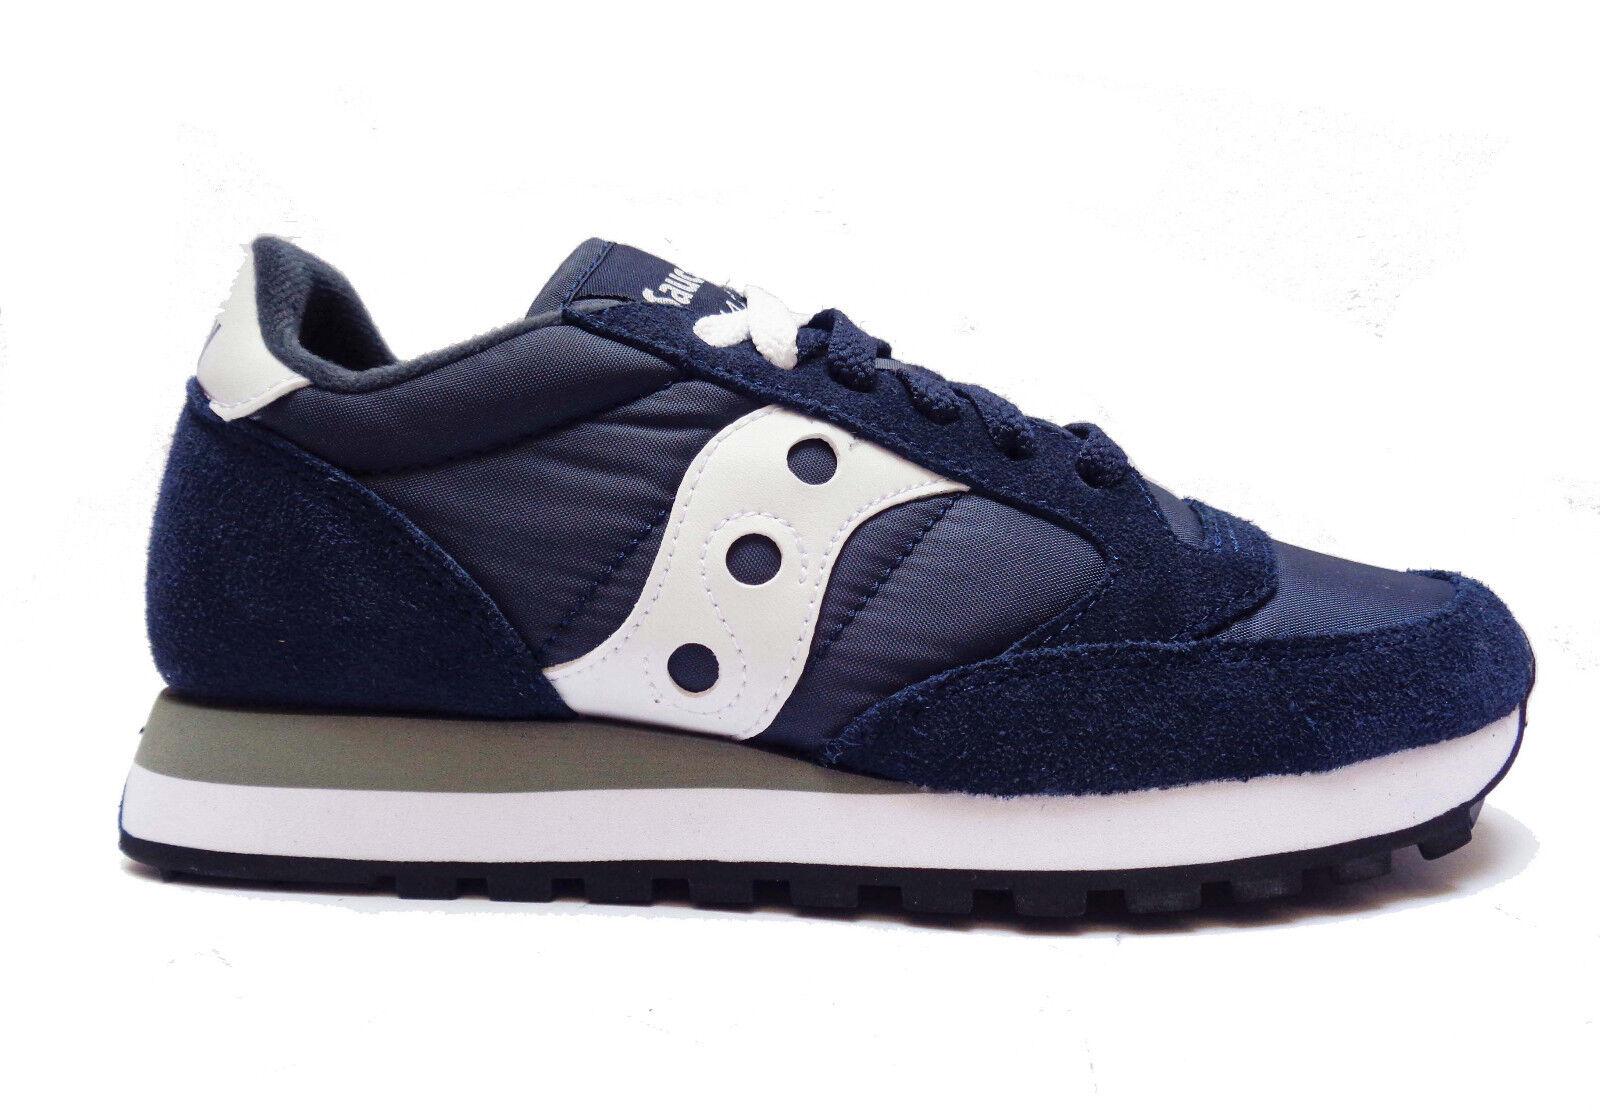 SAUCONY 2044-316 zapatos CASUAL DA hombres zapatillas IN CAMOSCIO-TESSUTO azul-BIANCO